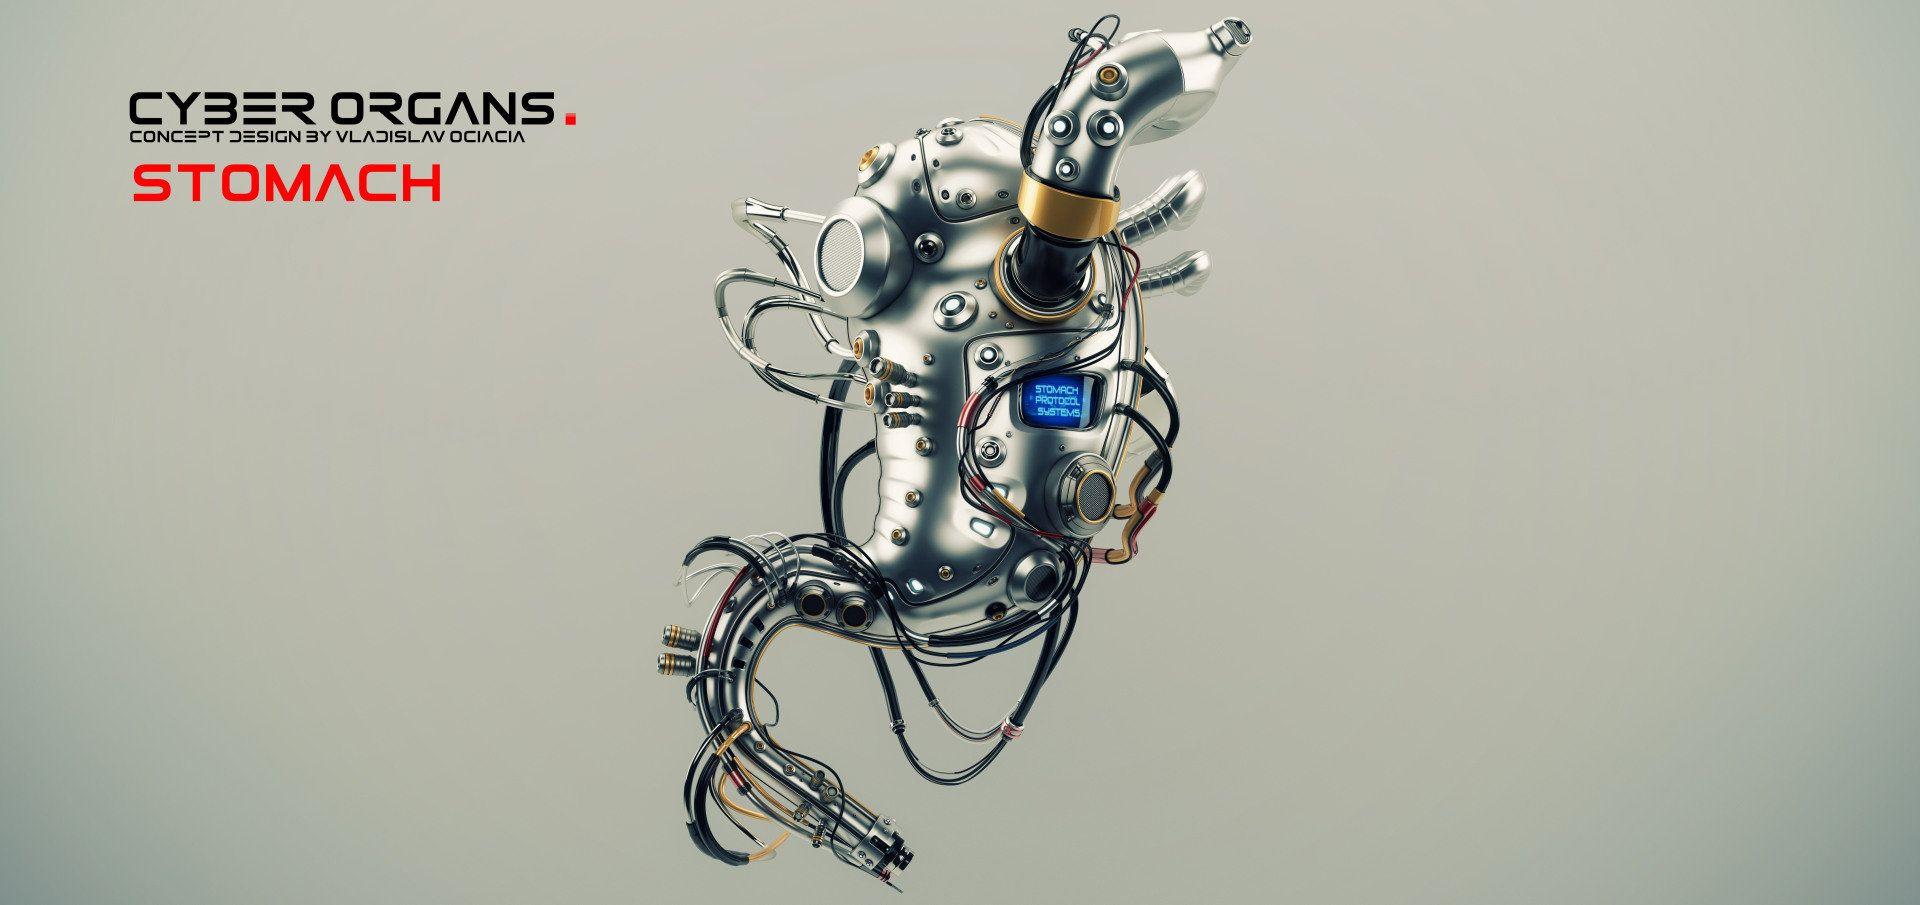 ArtStation - Artificial organs, Vladislav Ociacia